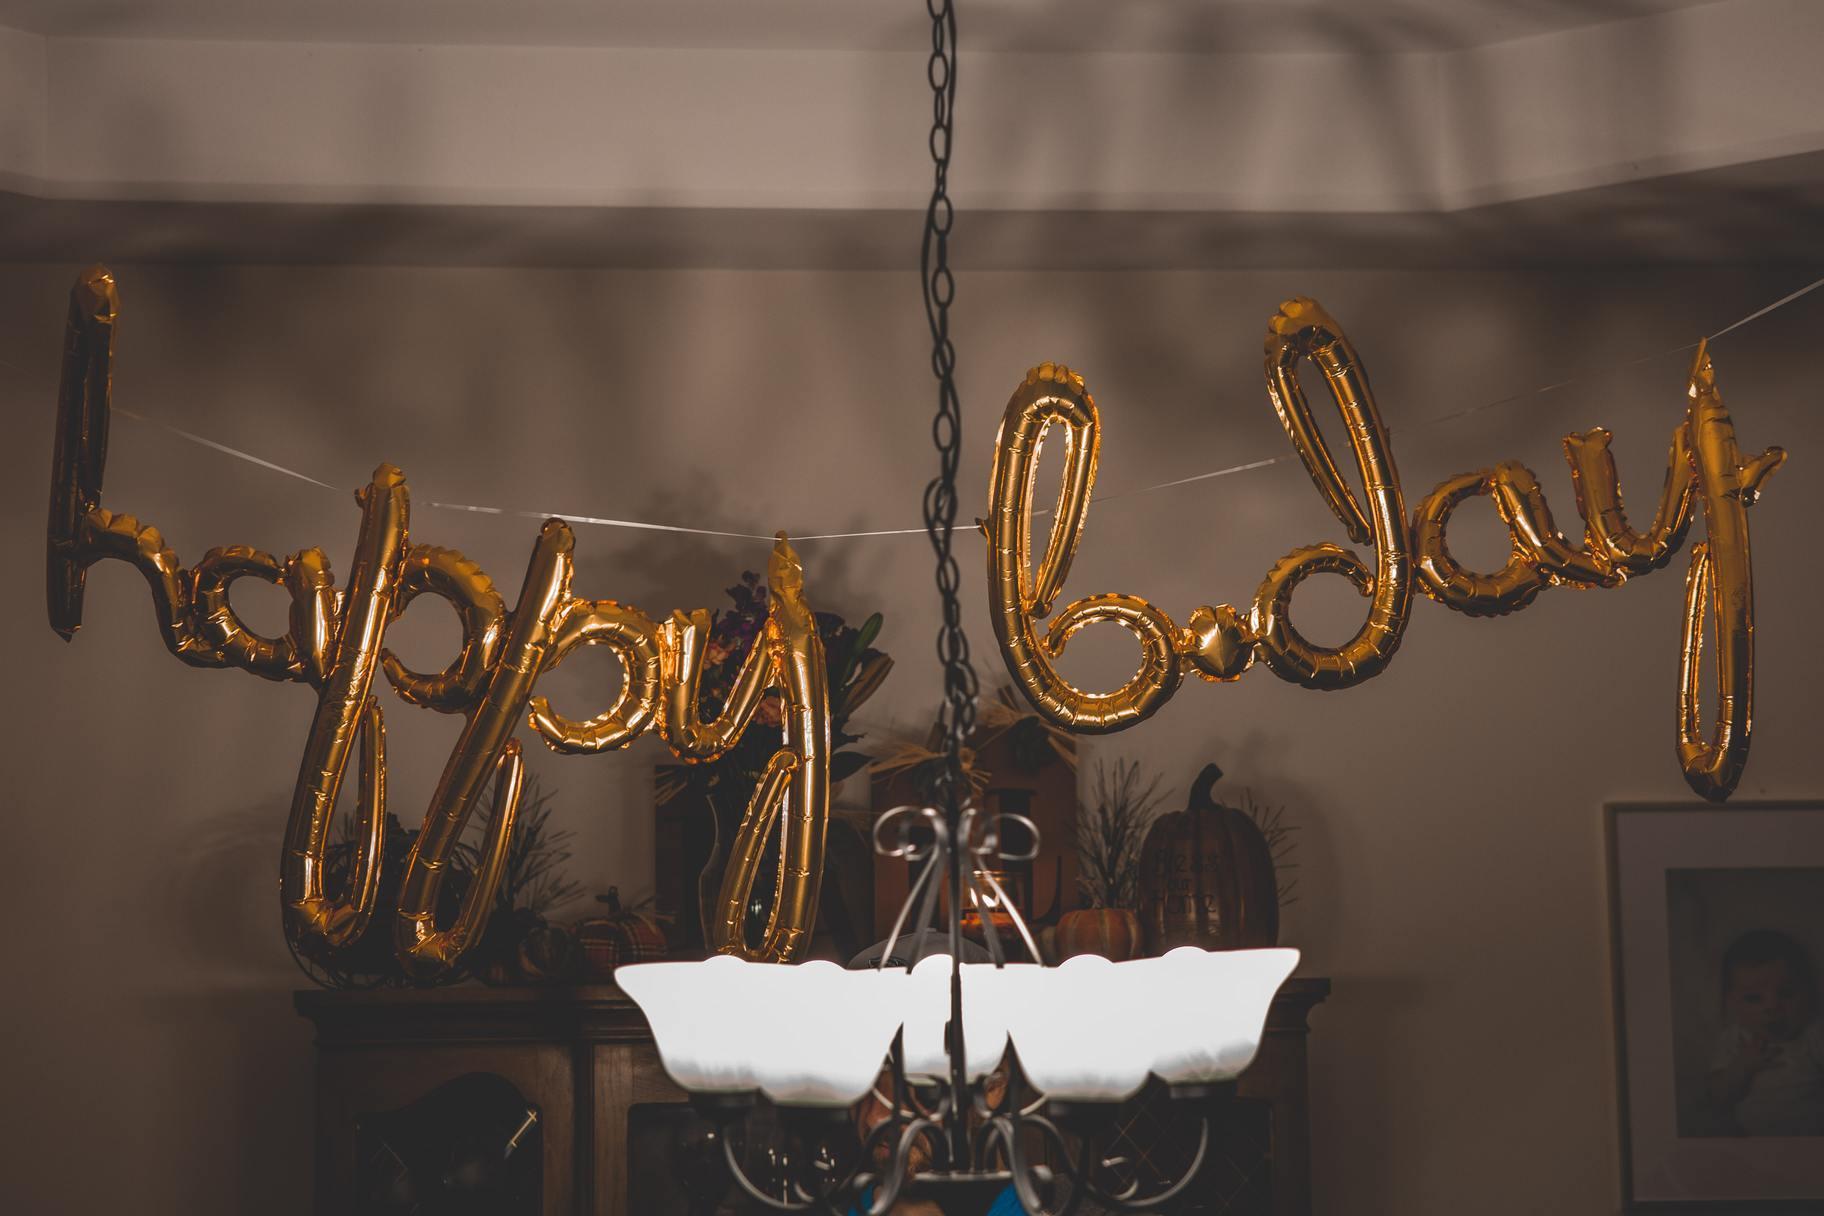 Art balloons birthday balloons 1543762